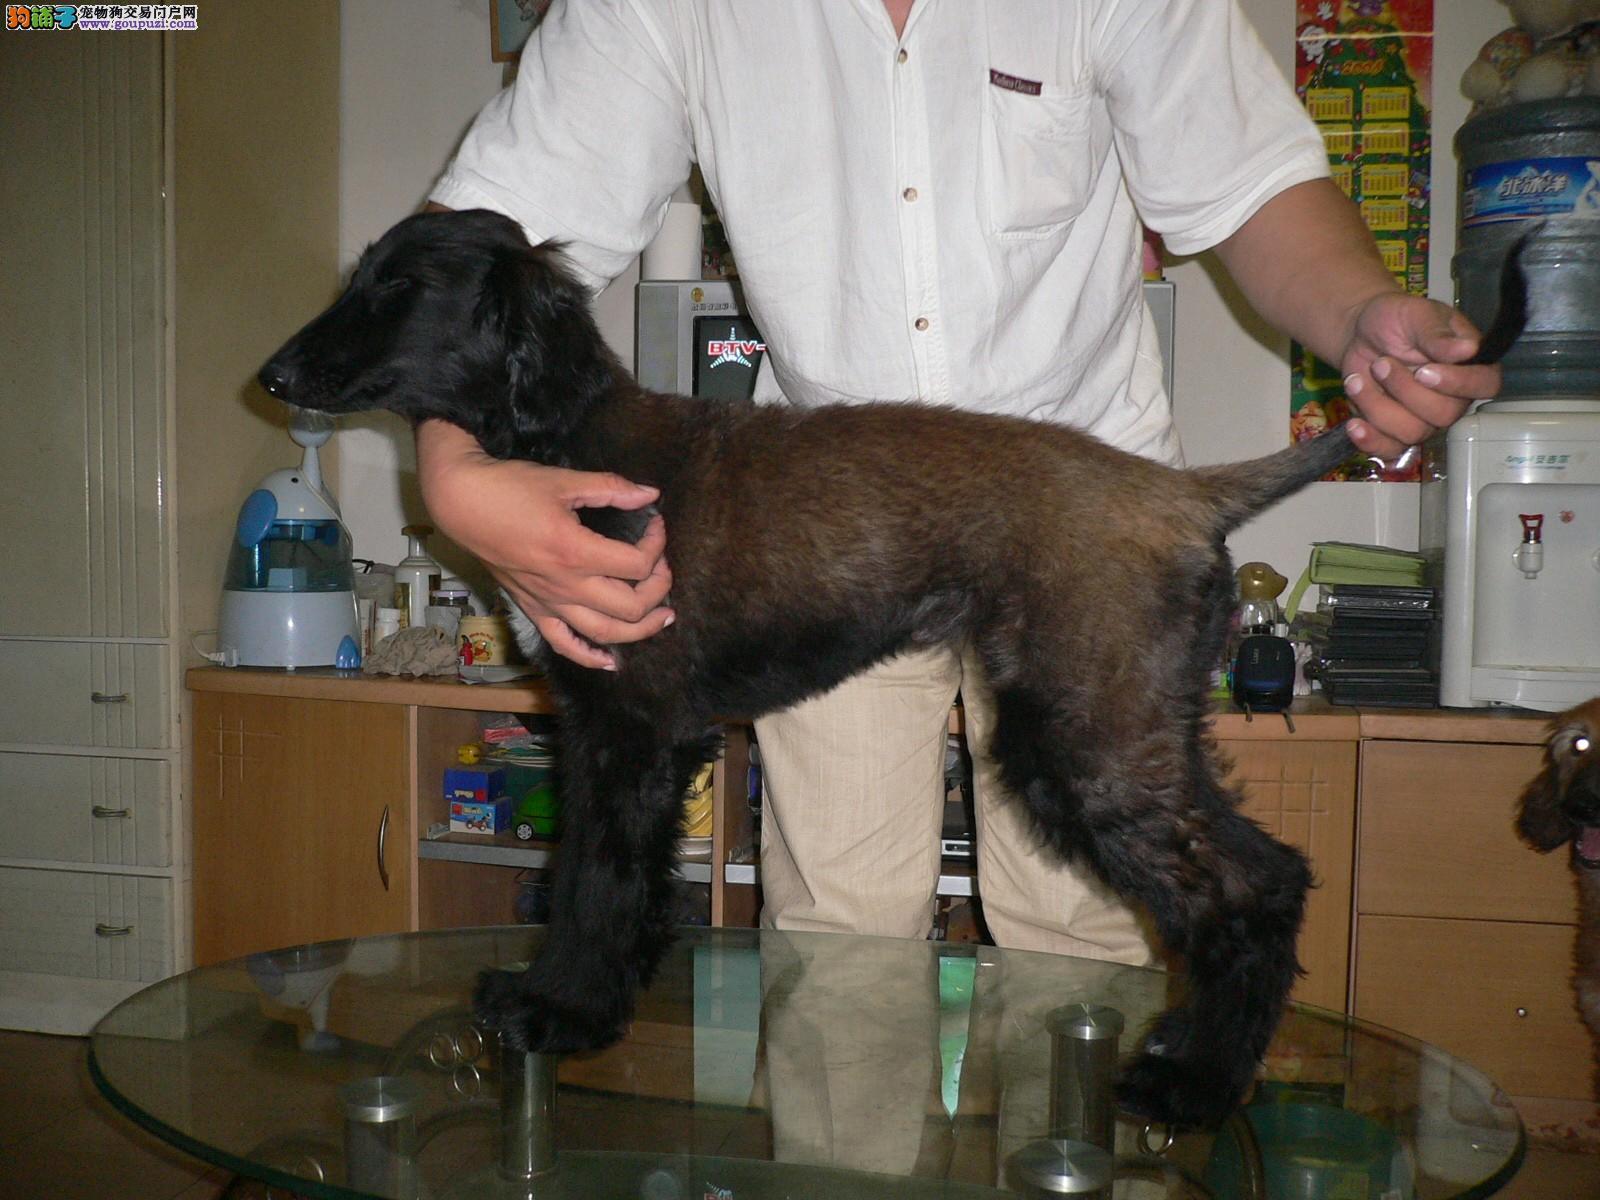 品质健康有保障阿富汗猎犬热卖中喜欢加微信可签署协议